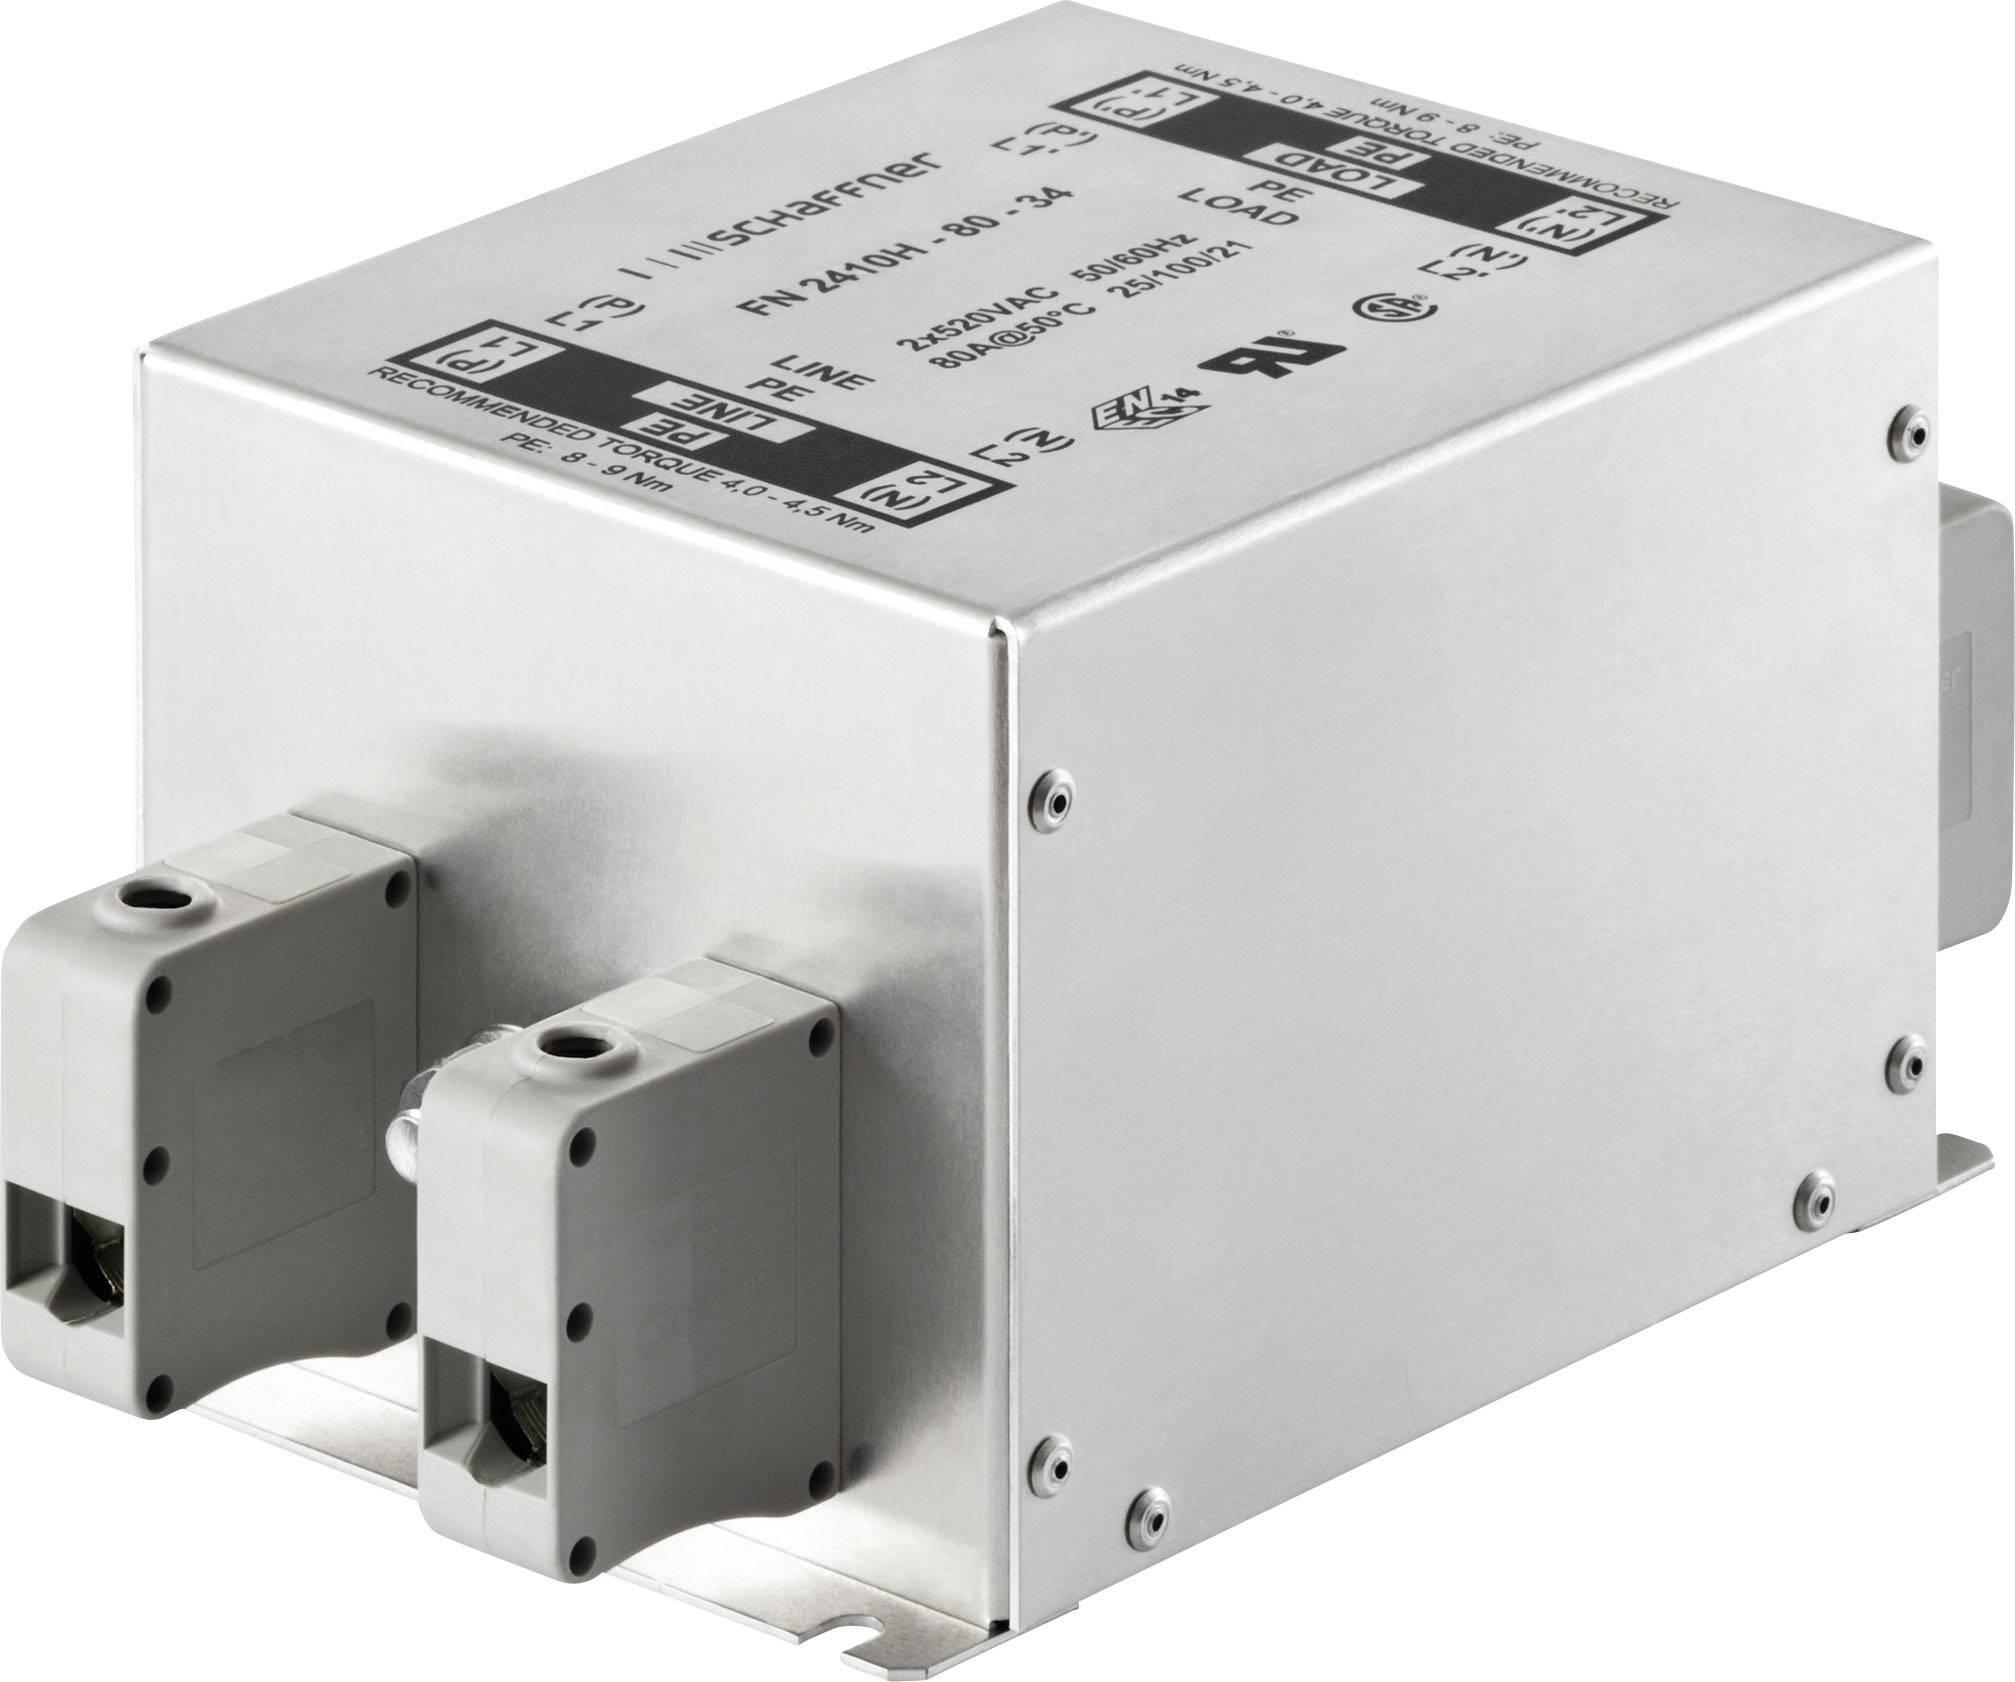 Jednofázový síťový filtr Schaffner, FN2410-8-44, 250 V/AC, 8 A